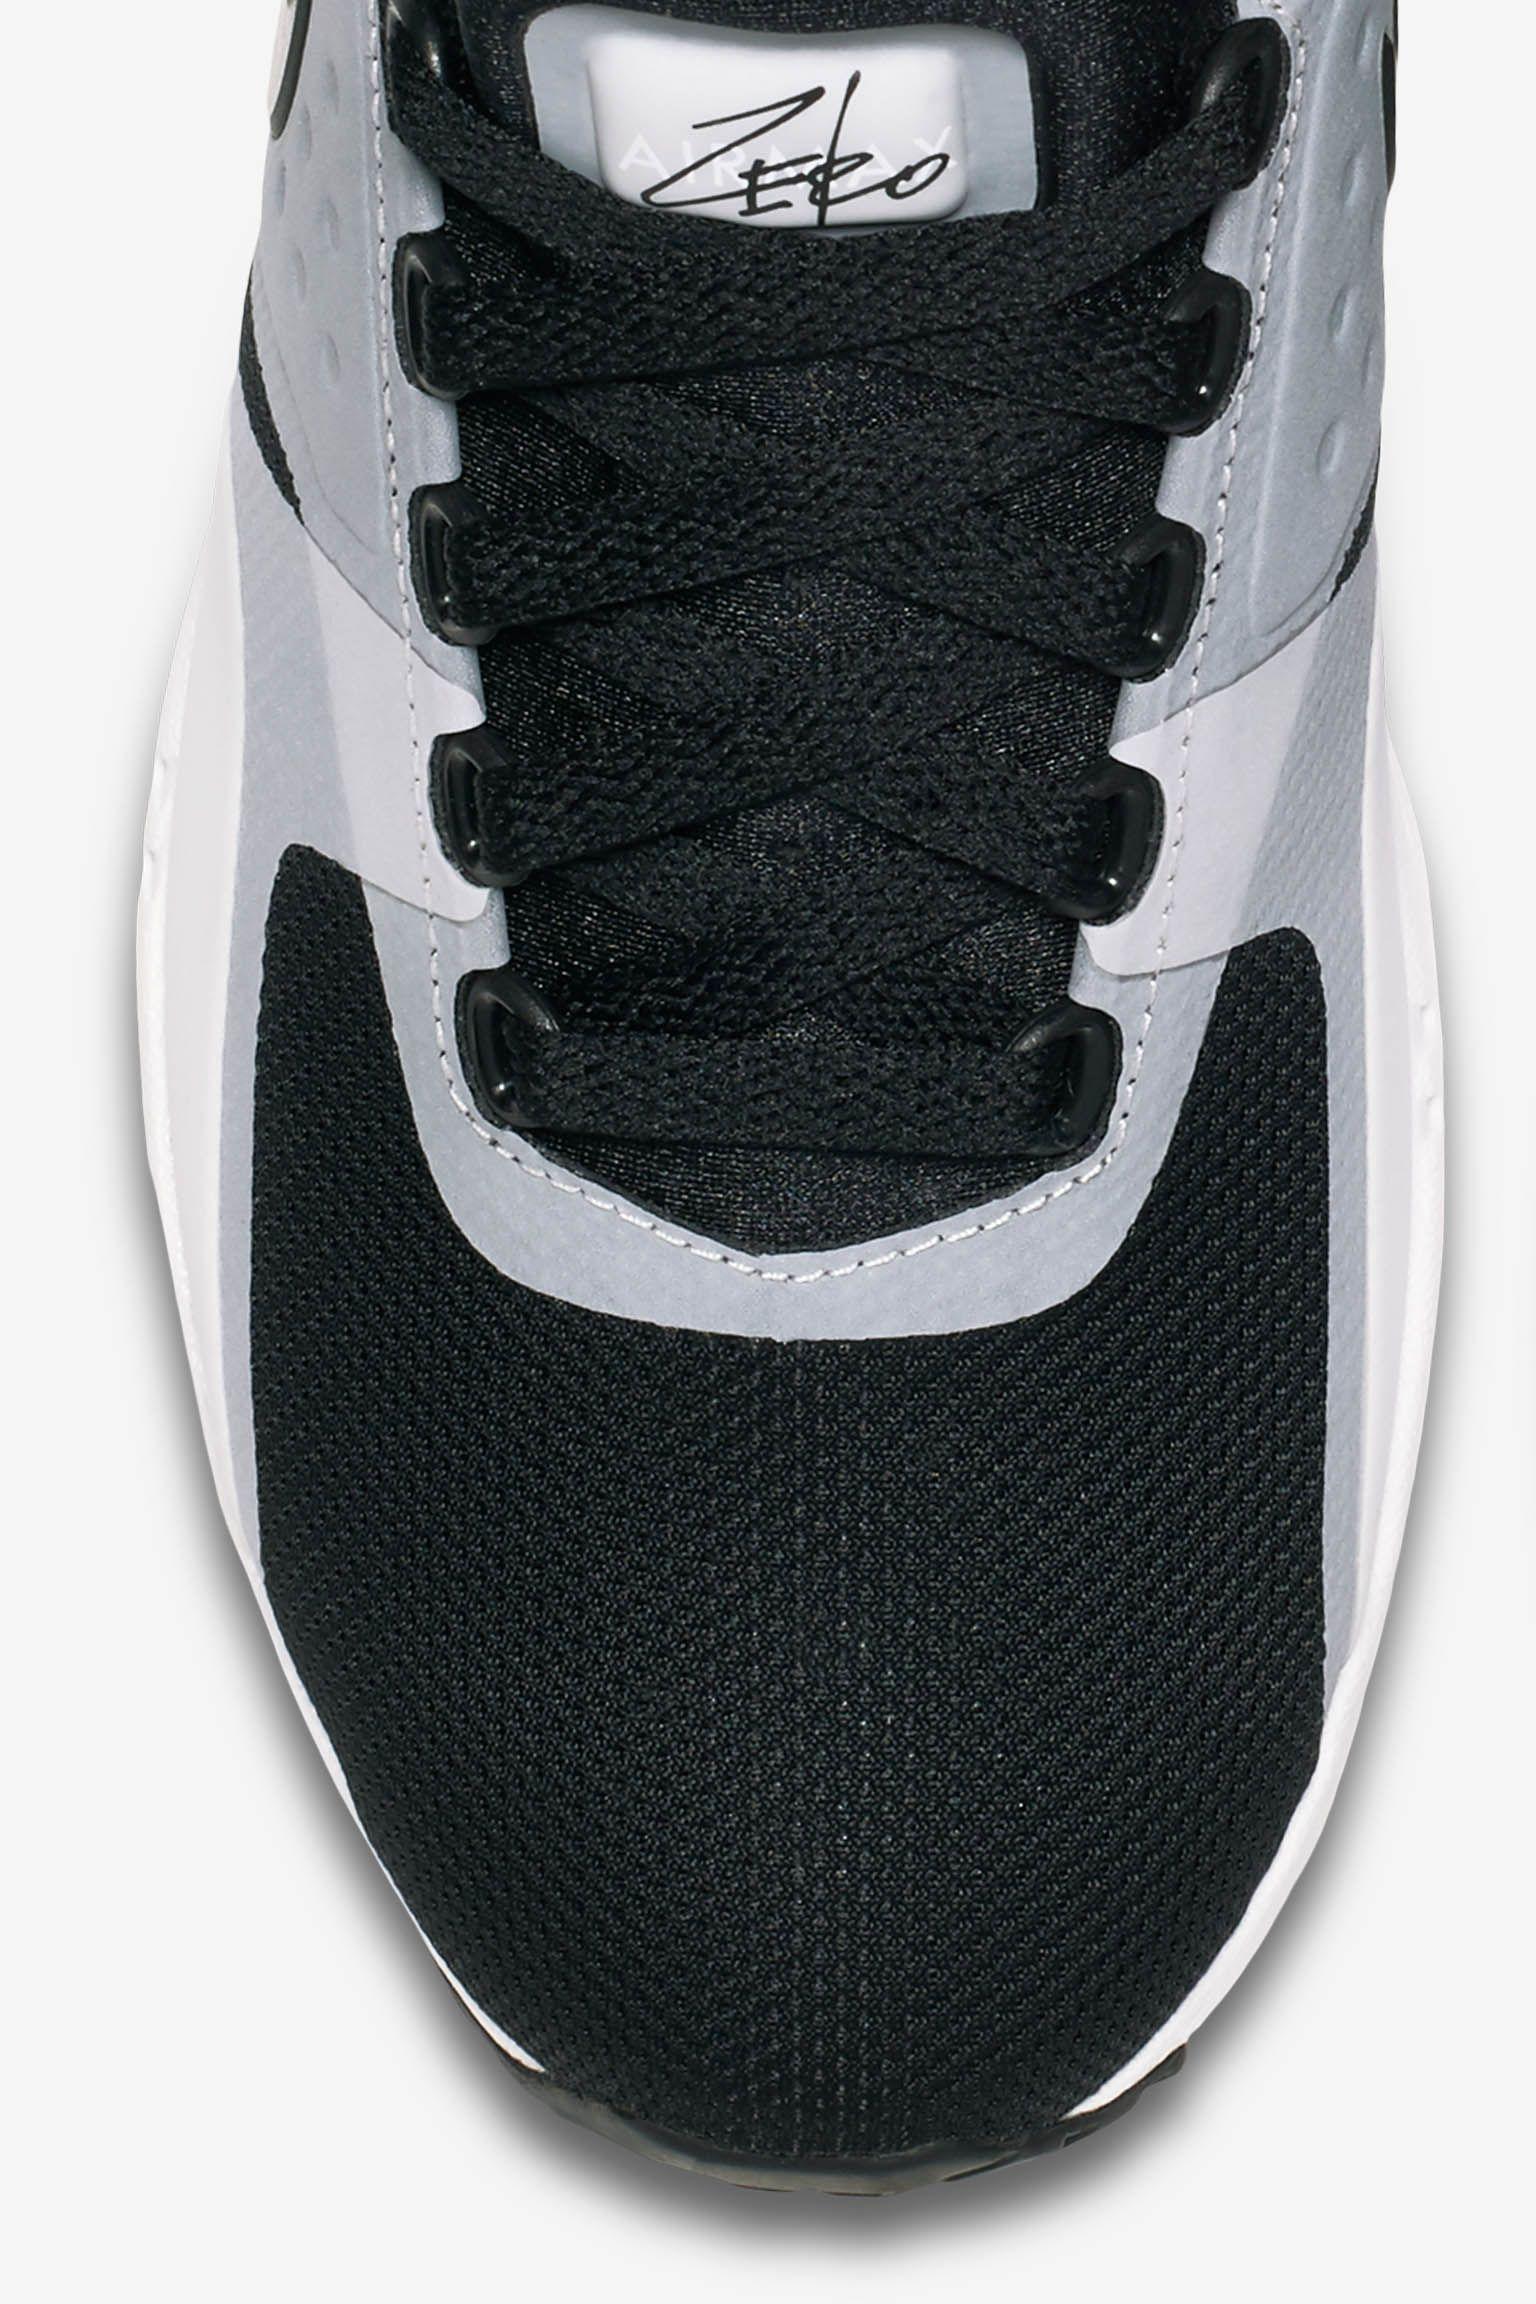 Women's Nike Air Max Zero 'White & Black' 2016